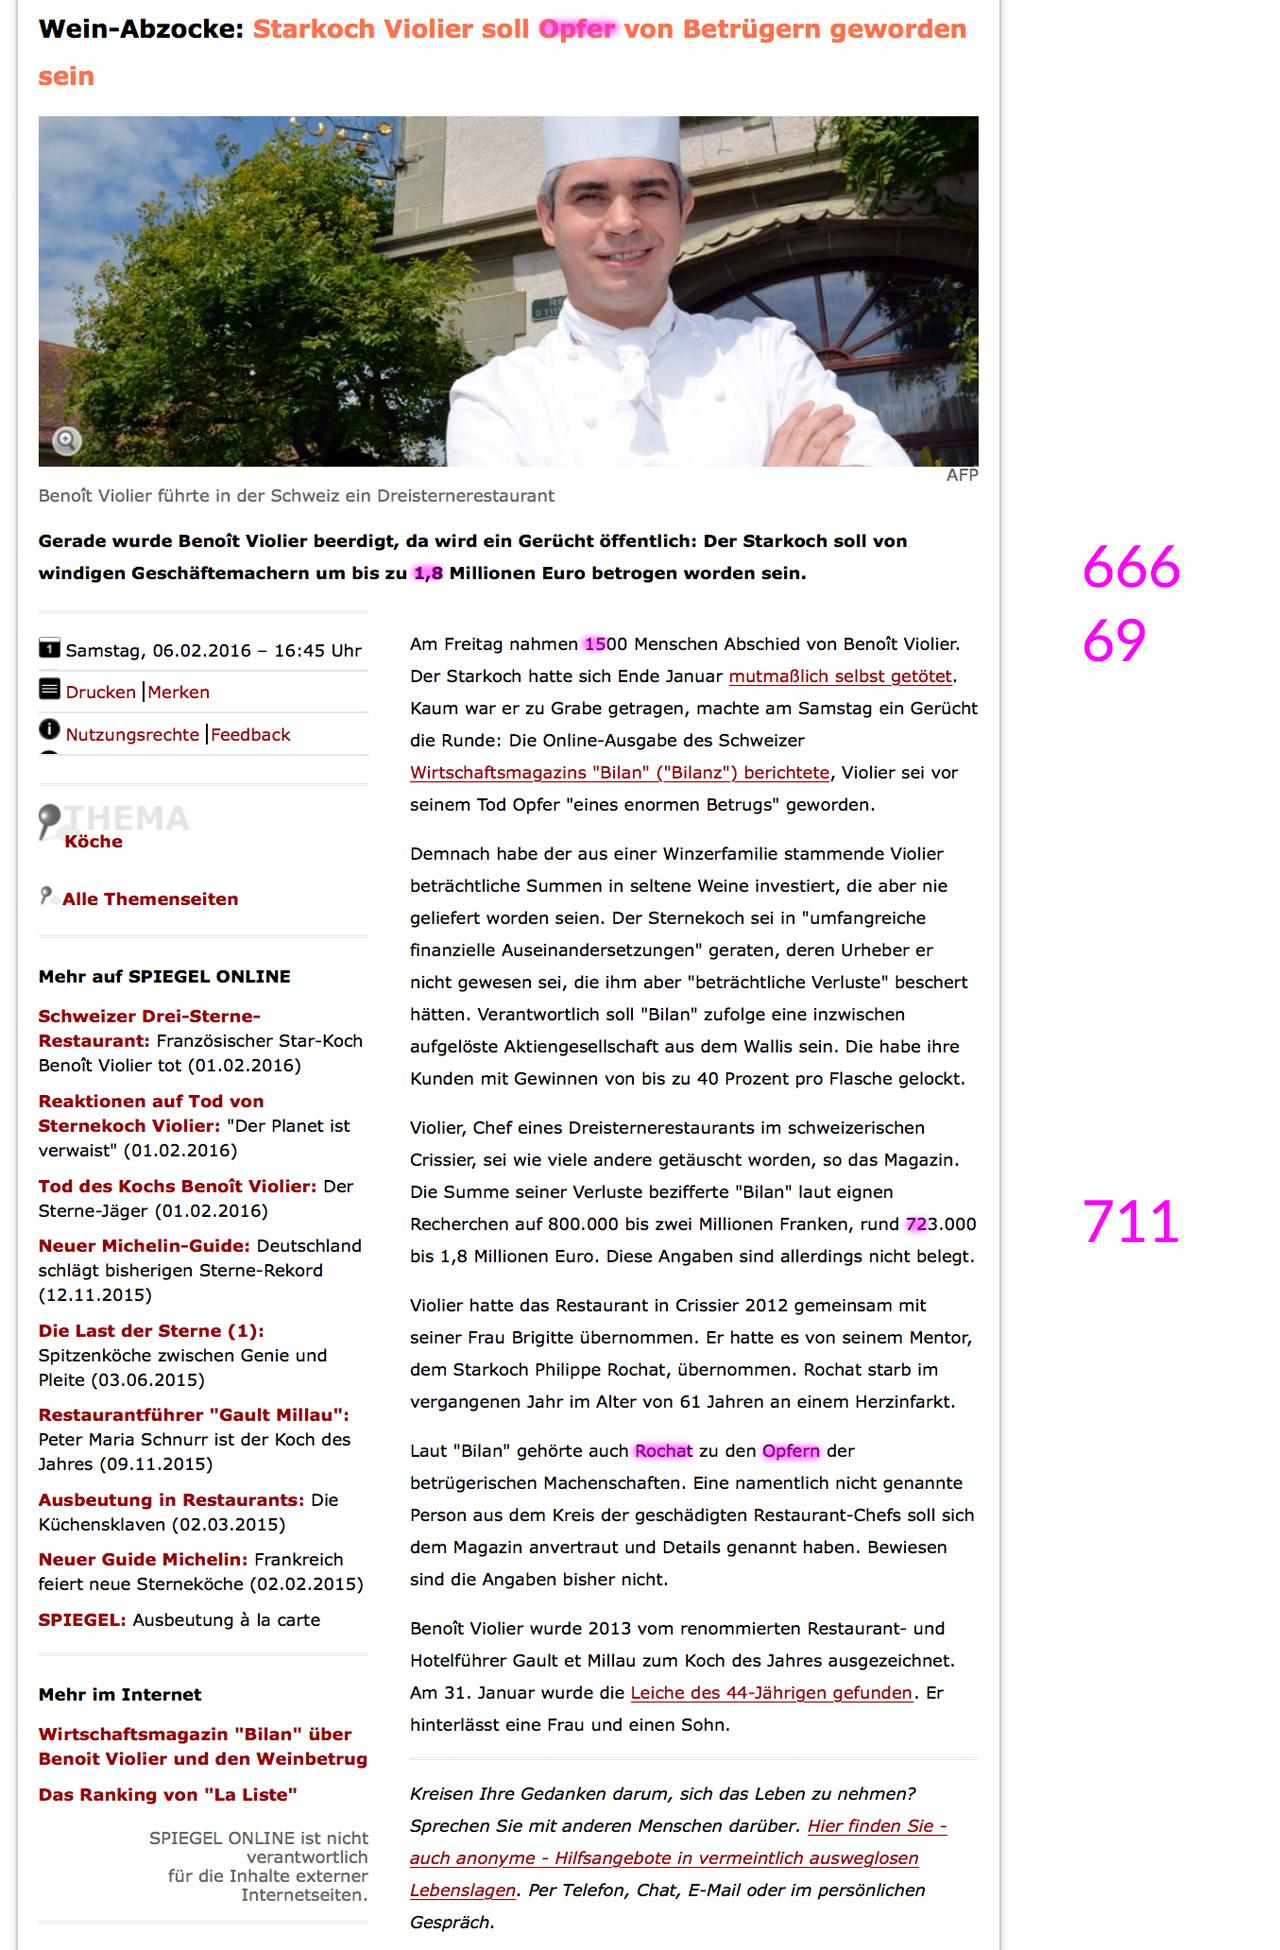 Allgemeine Freimaurer-Symbolik & Marionetten-Mimik - Seite 5 Starkoch_006